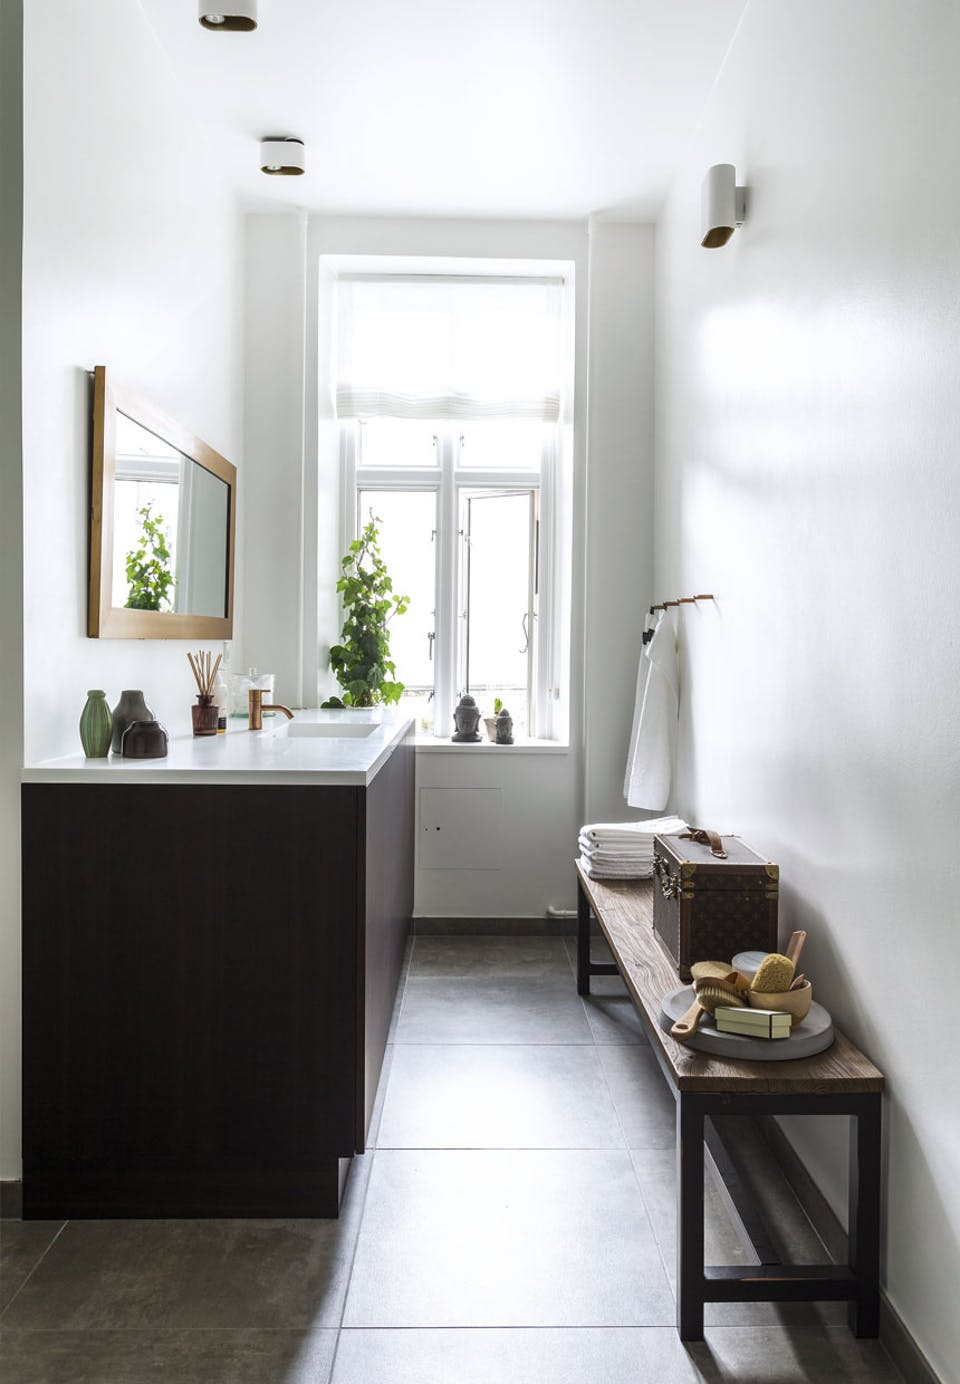 Deze badkamer is twee keer zo groot én zo mooi geworden!